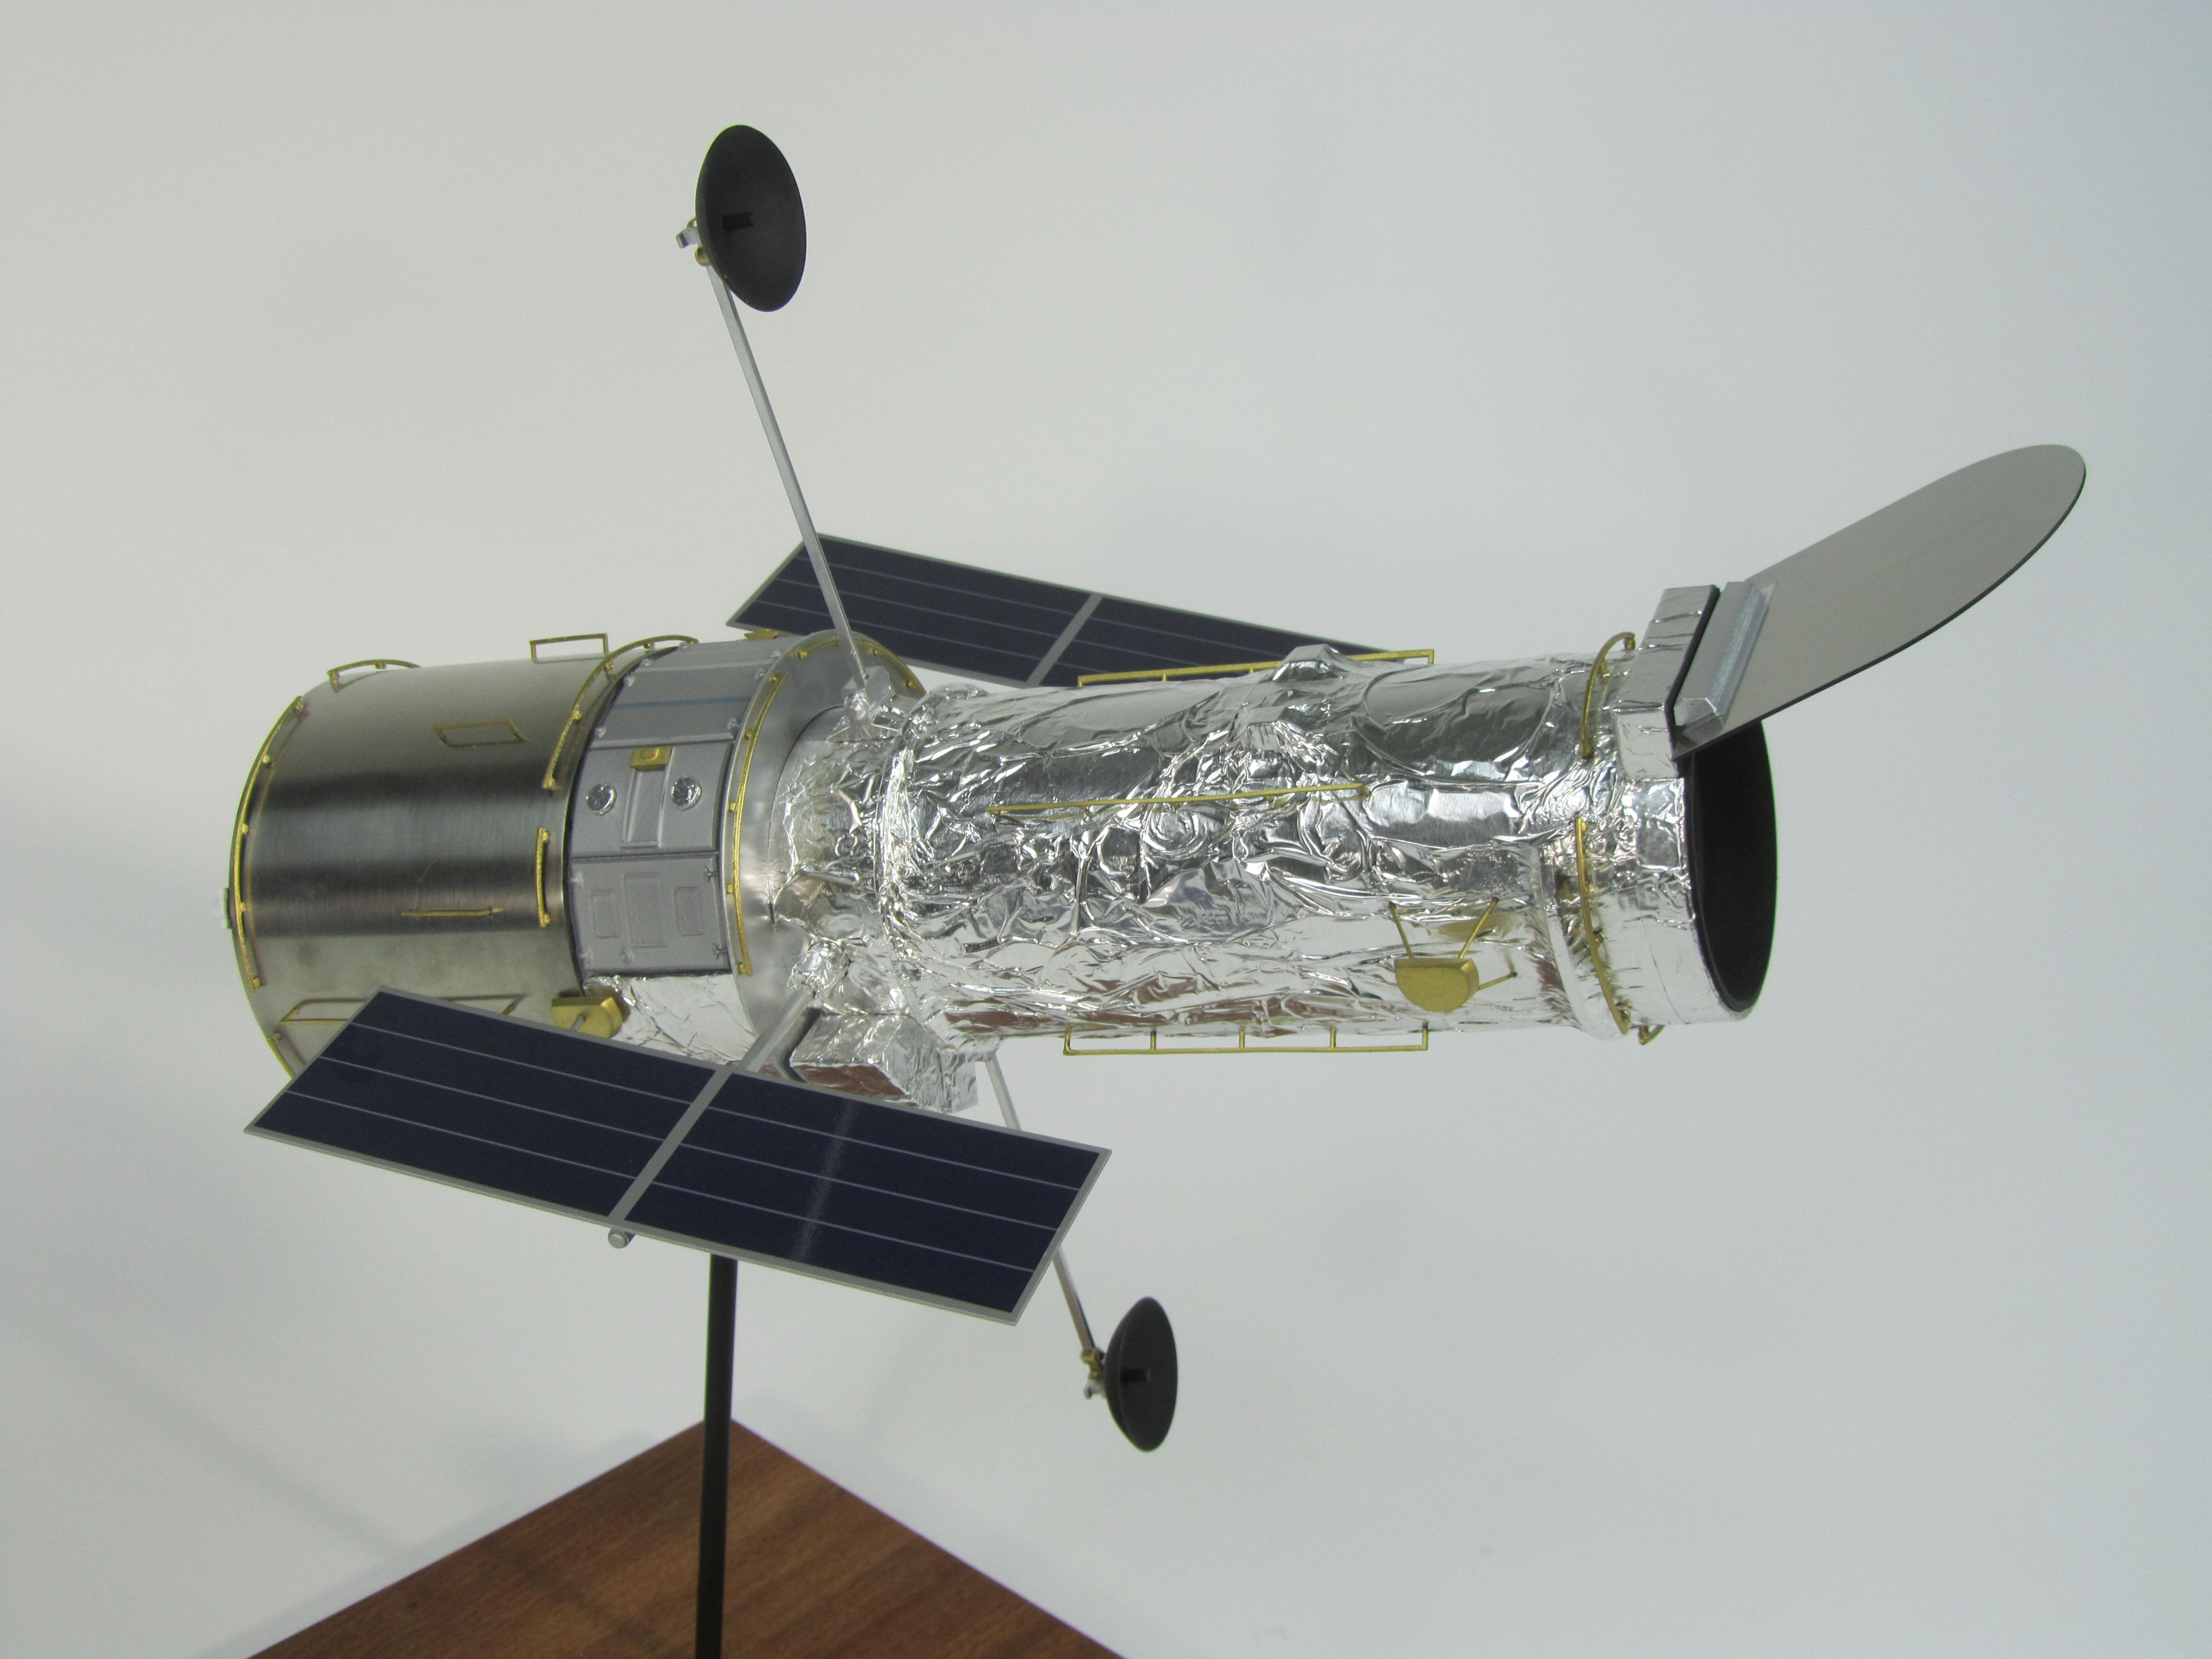 pennwalt model hubble space telescope - photo #43